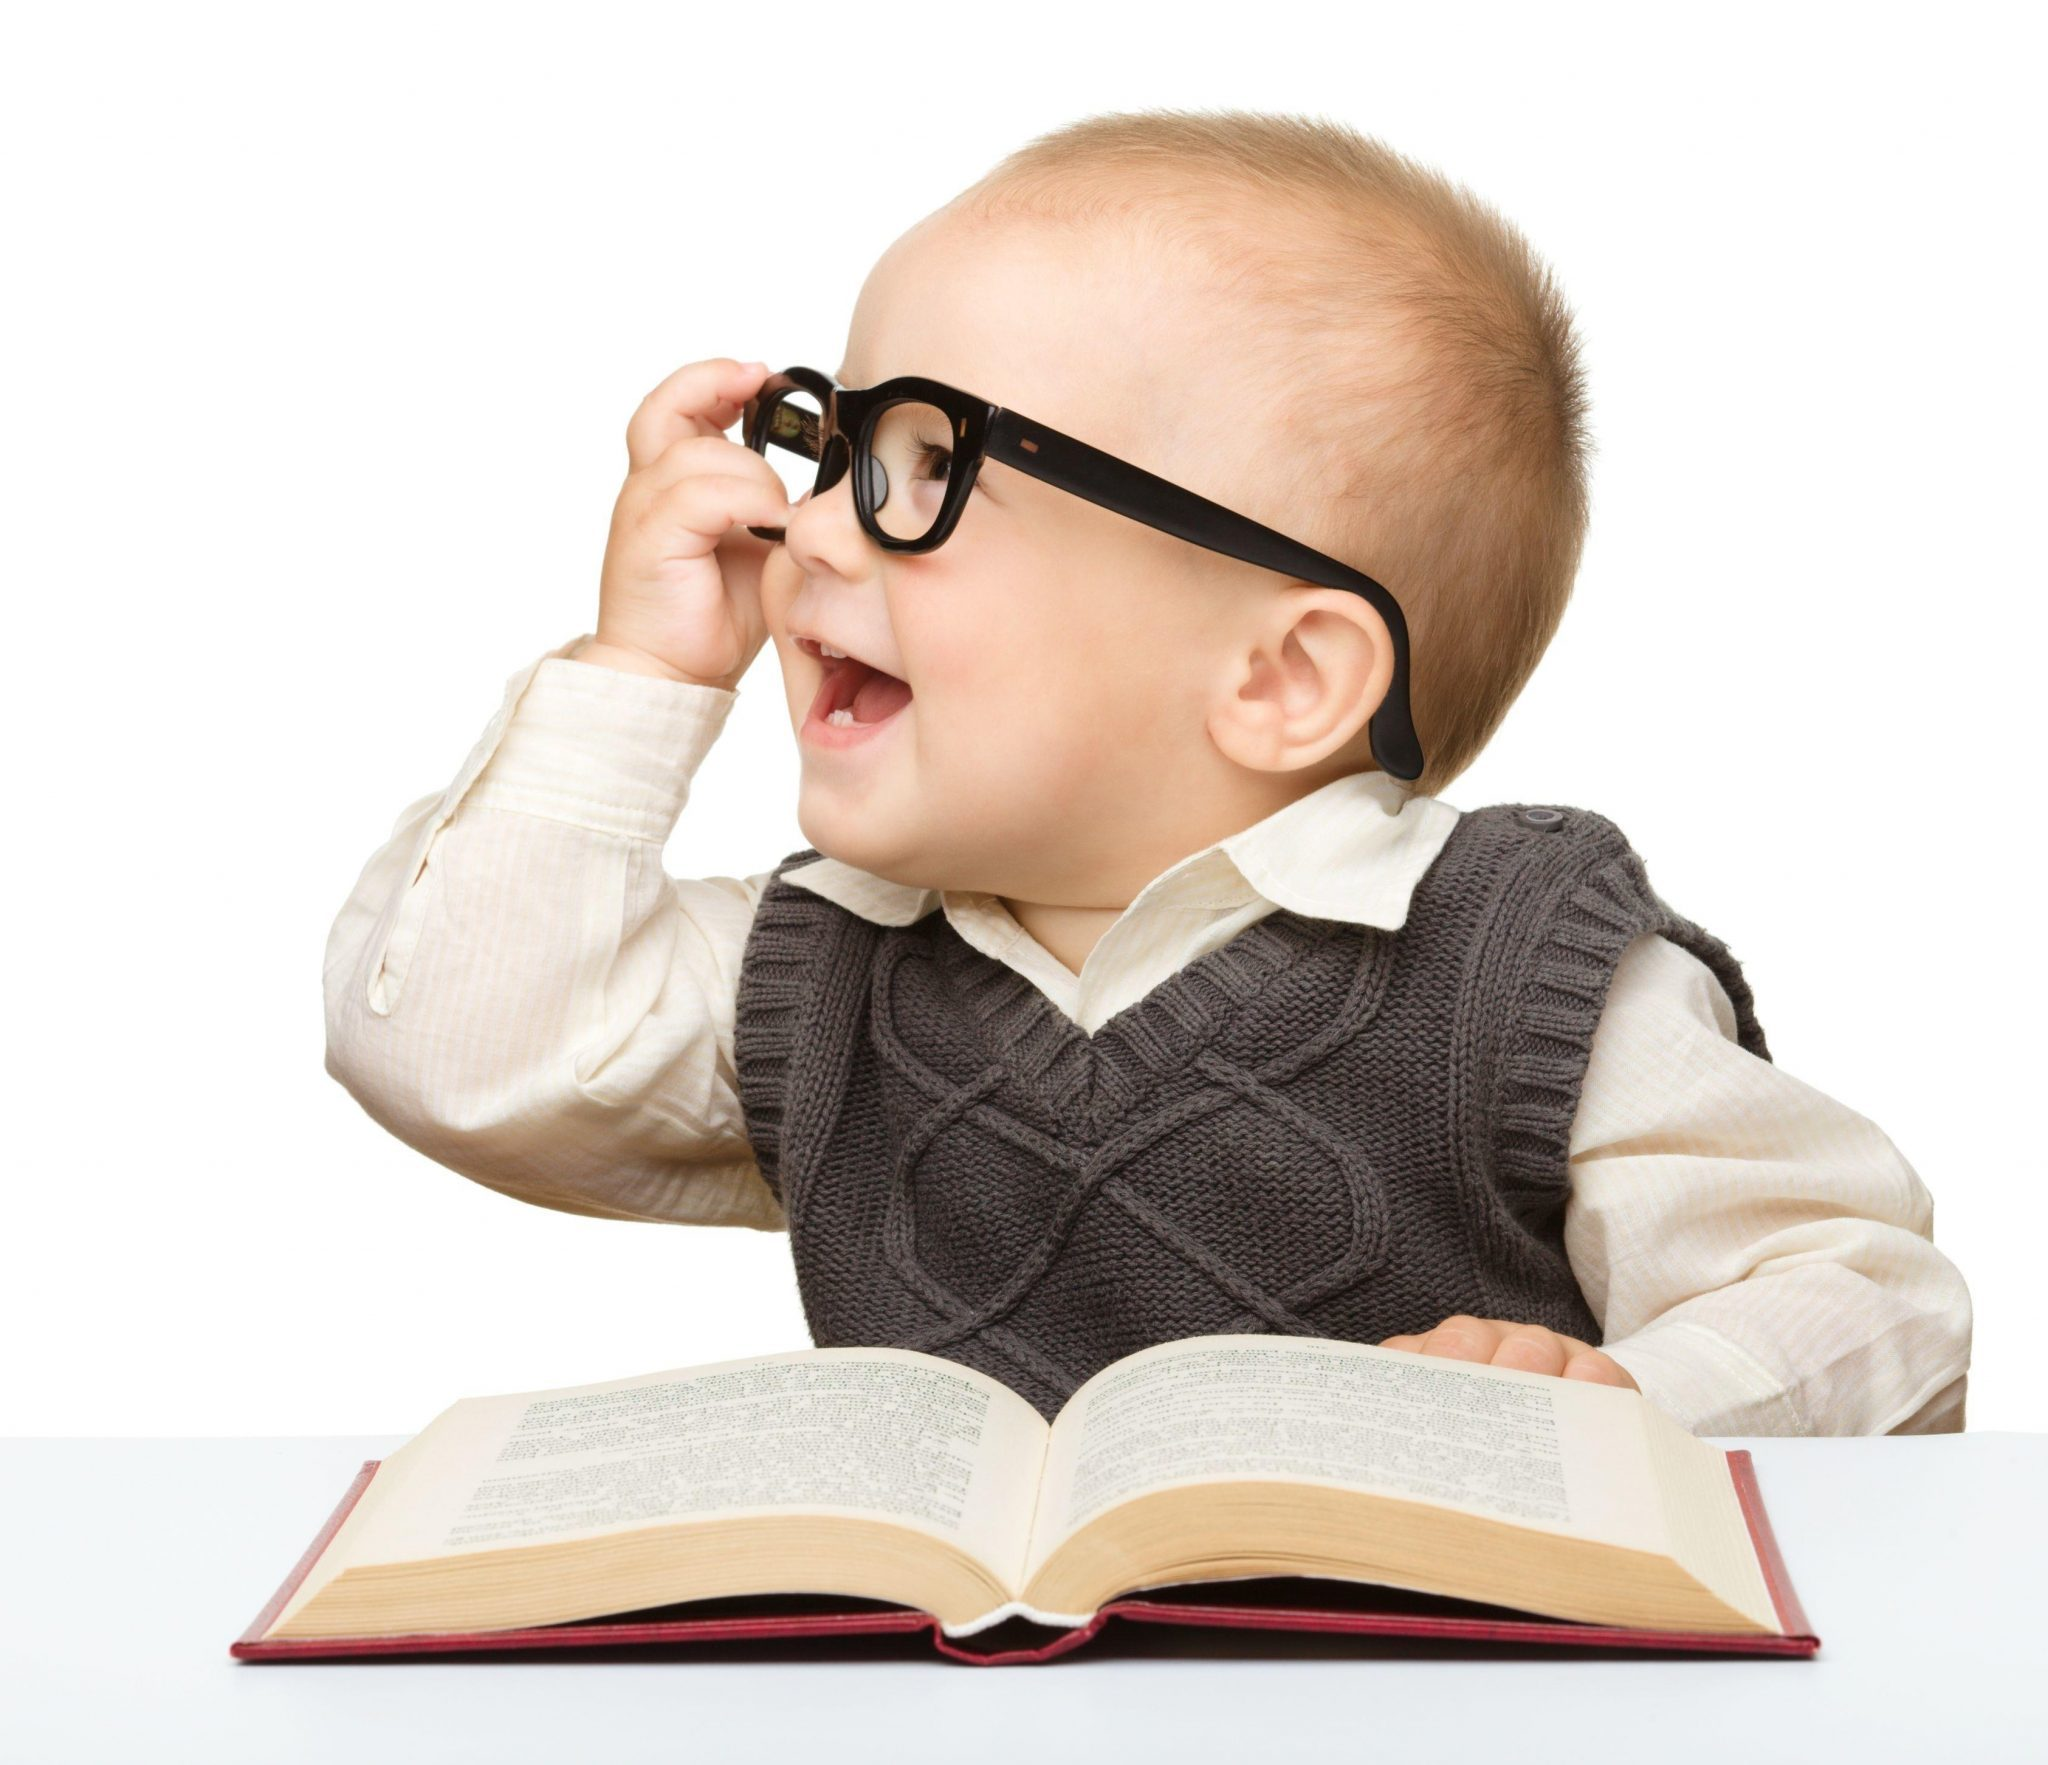 نشانه ی هوش بالا در کودکان چیست ؟